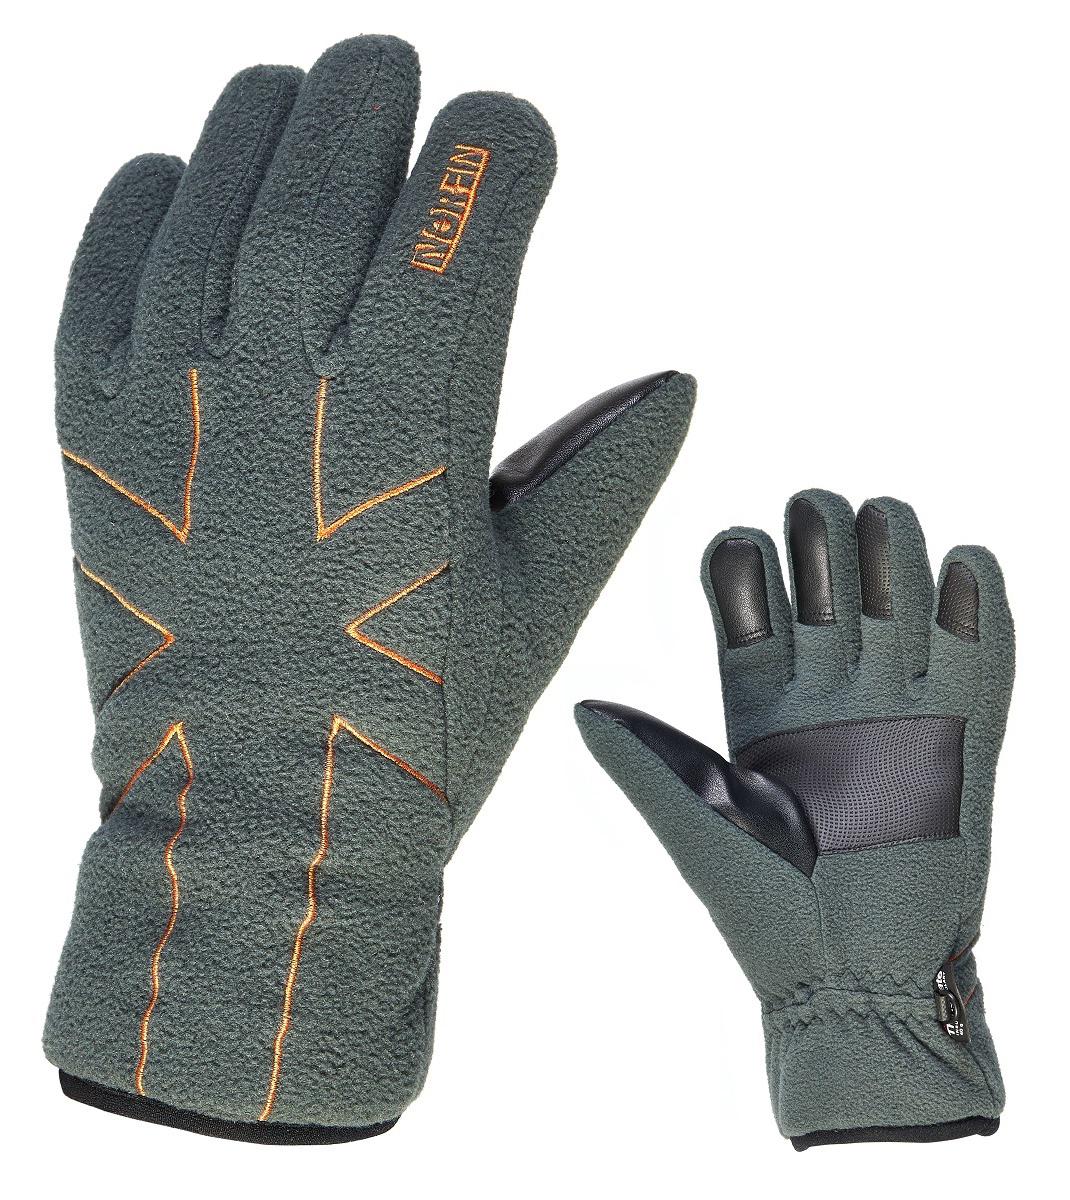 Перчатки для рыбалки мужские Norfin Shifter, цвет: серый. 703077-04. Размер XL (10) shifter mates